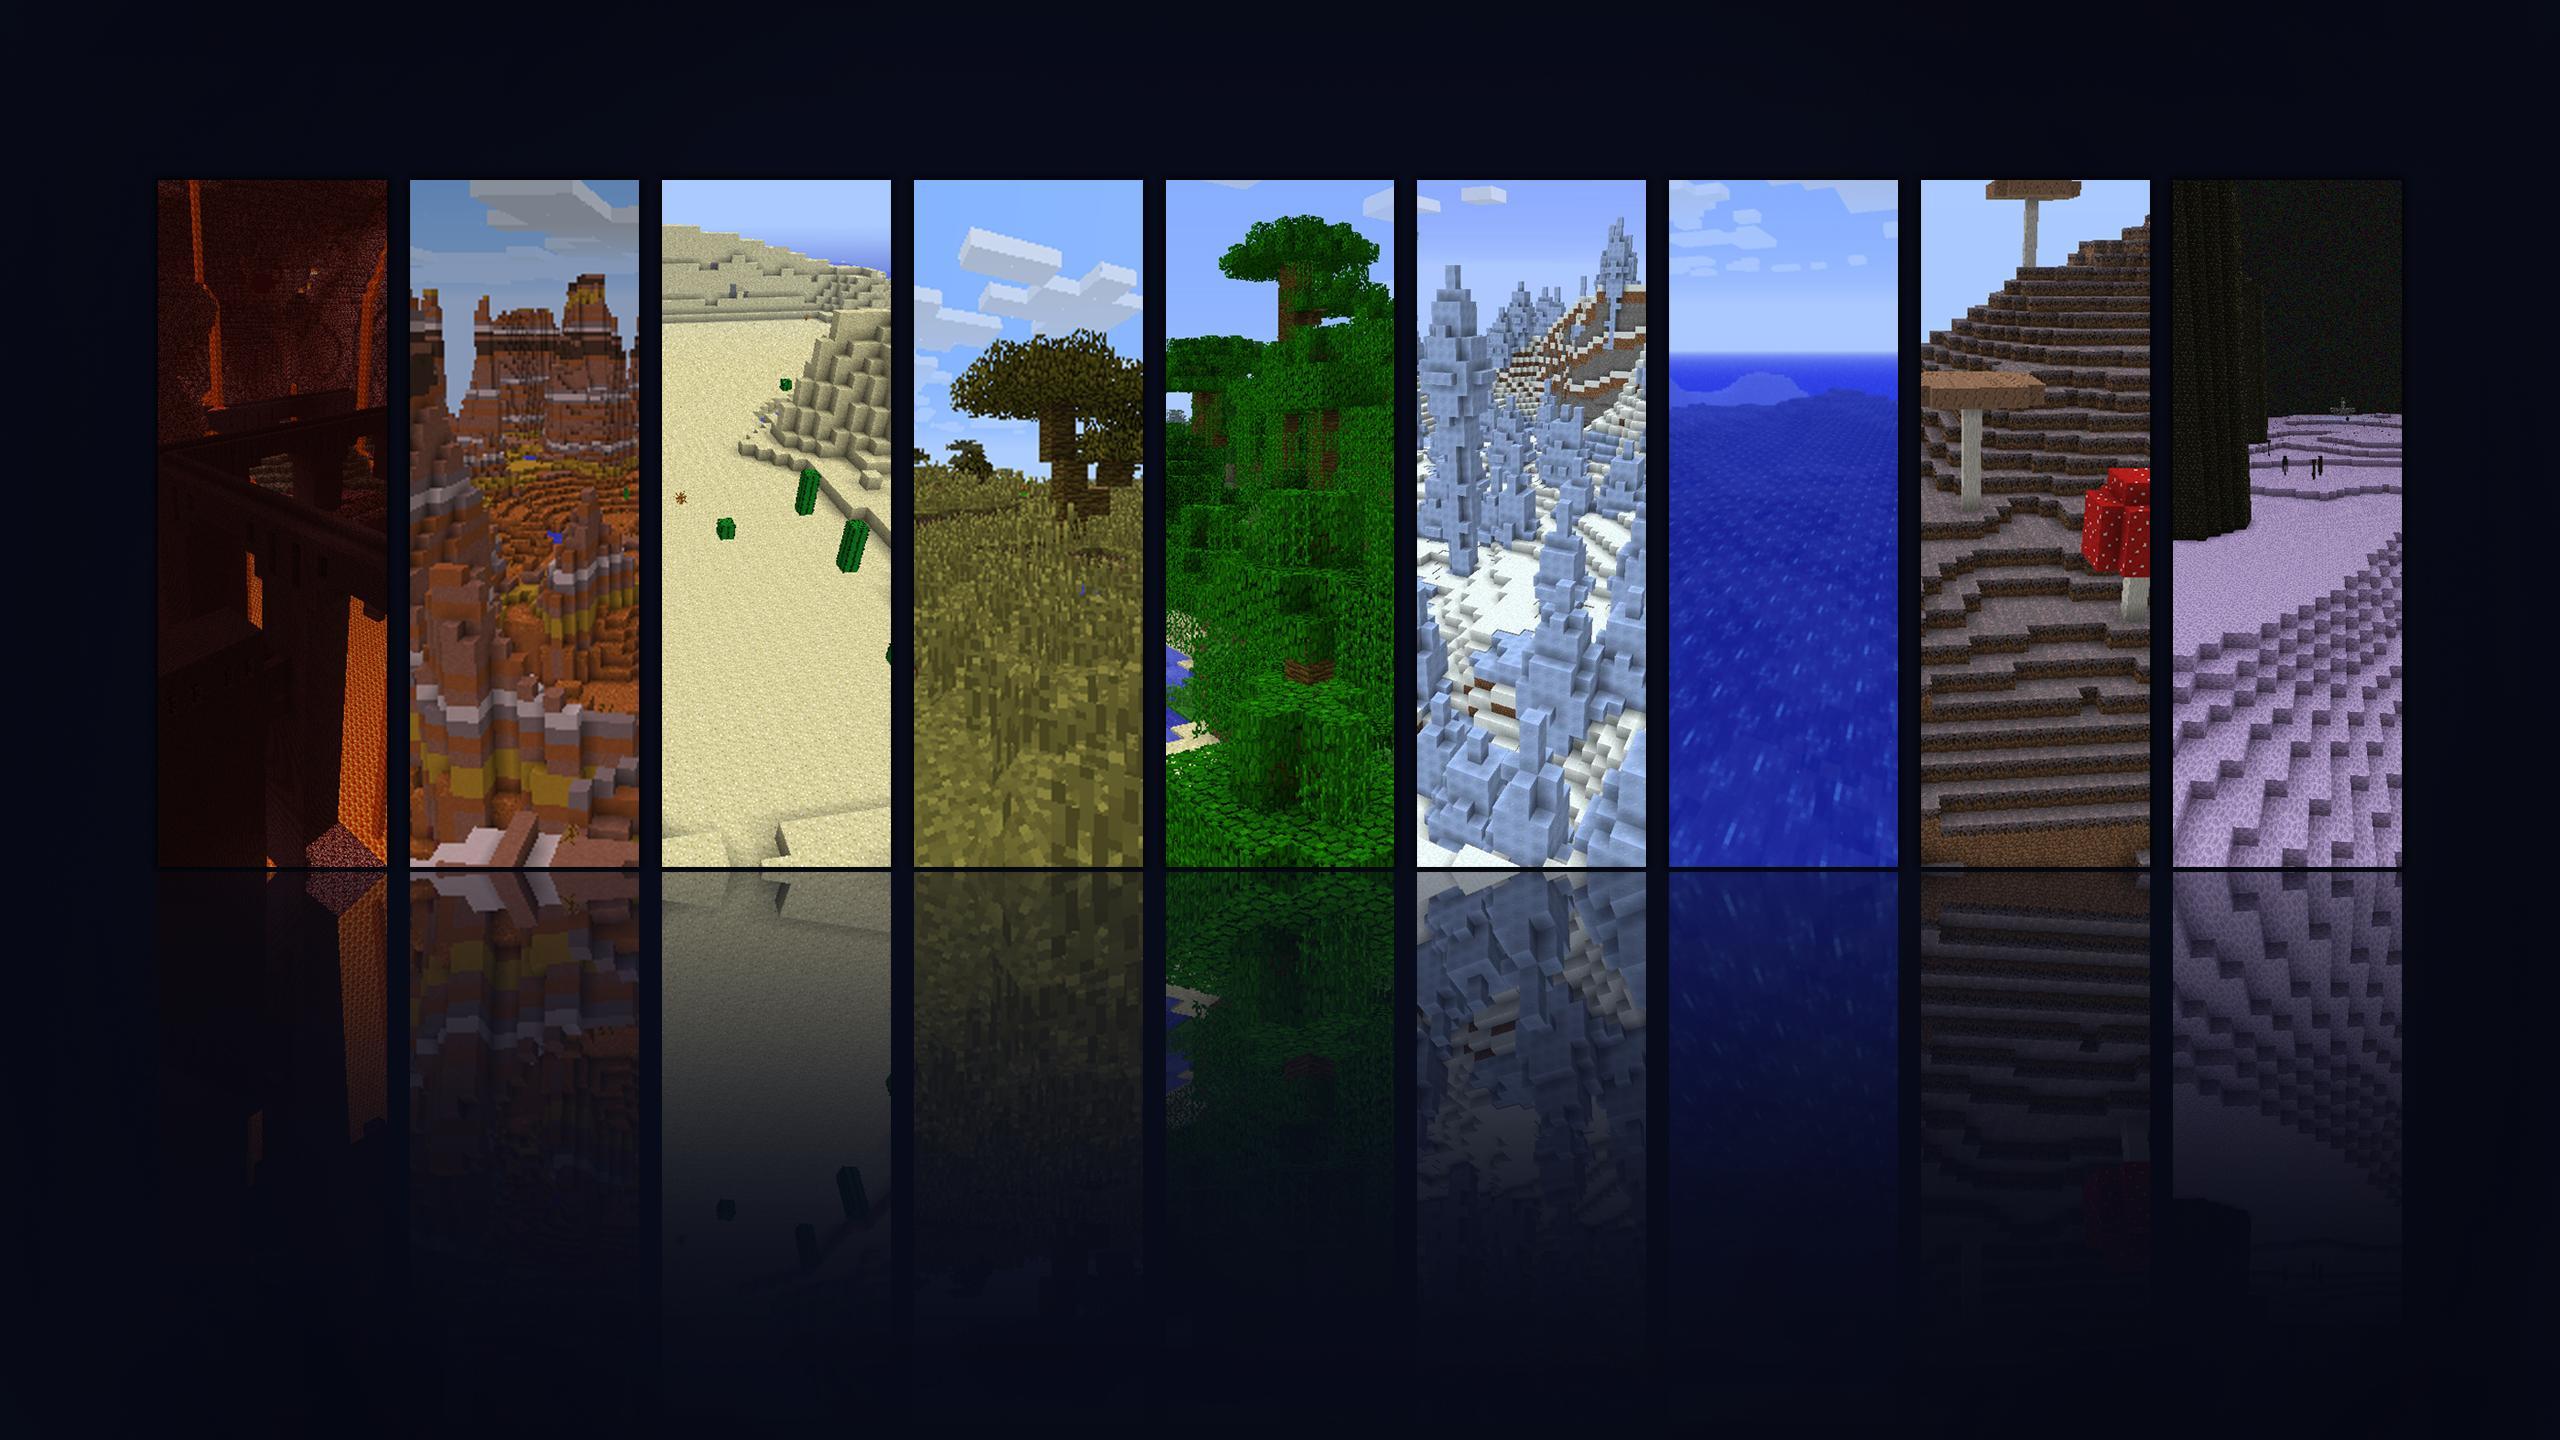 DBC15 Minecraft Wallpaper 2560x1440 Download download 2560x1440